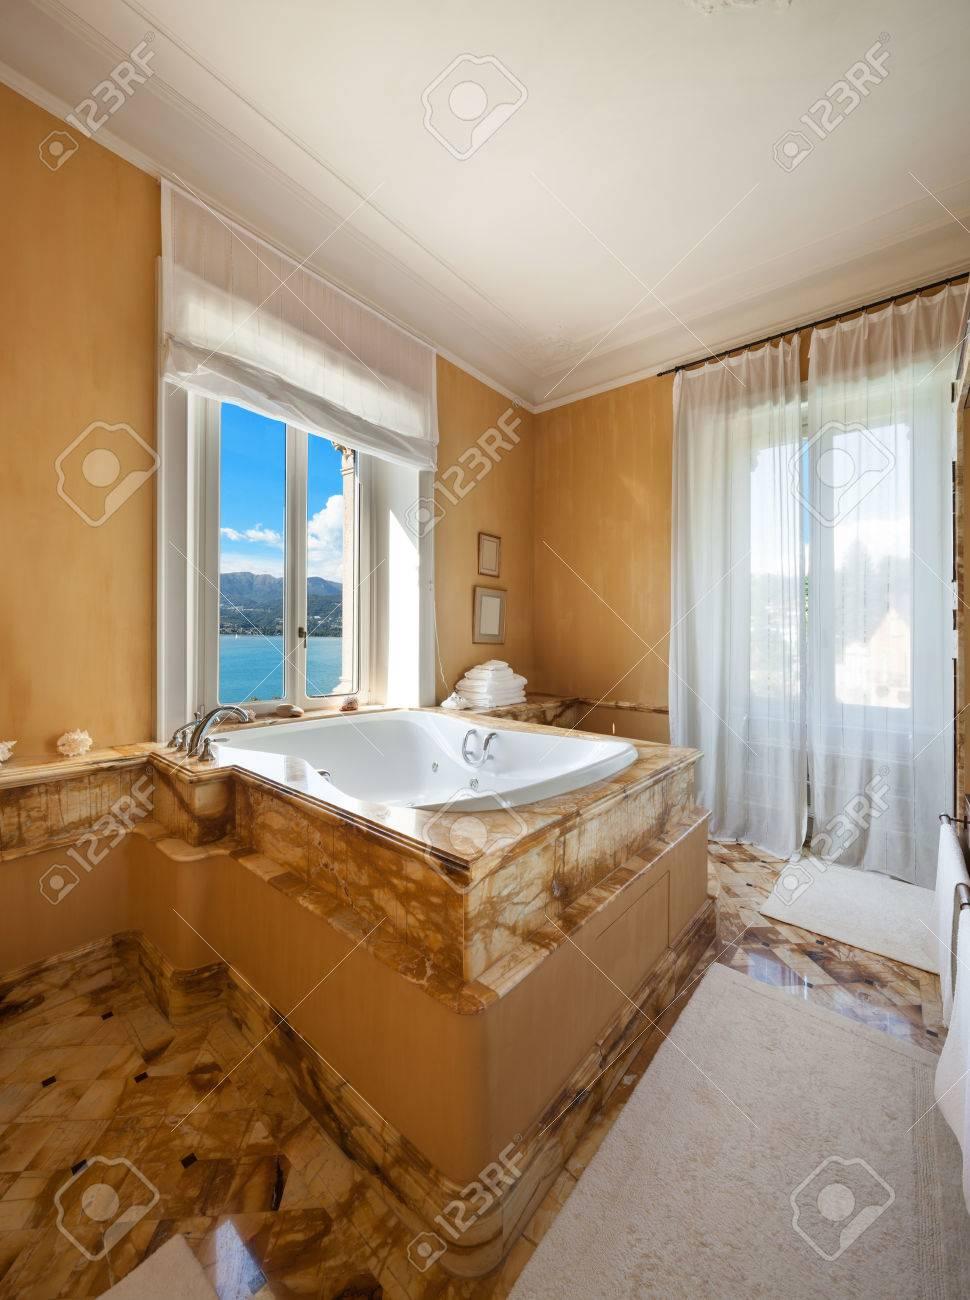 Intérieur D\'une Maison De Luxe, Belle Salle De Bain Avec Jacuzzi ...